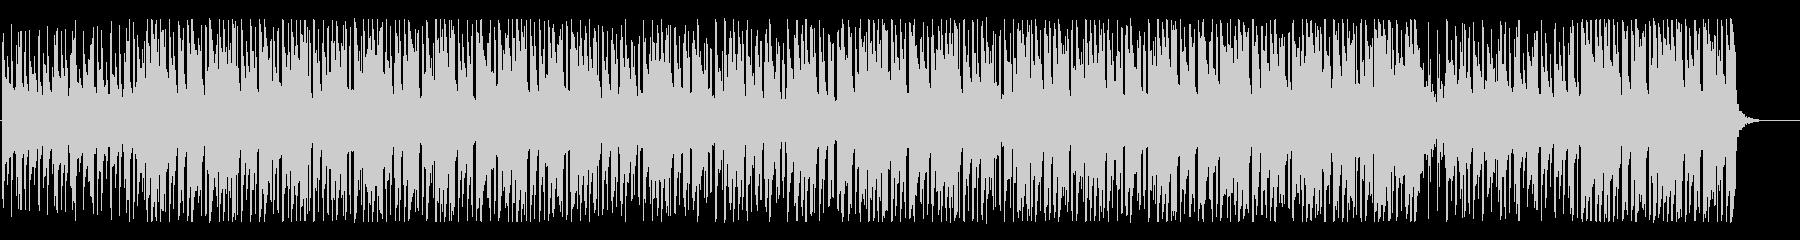 どこか幻想的なゆったりとしたBGMの未再生の波形